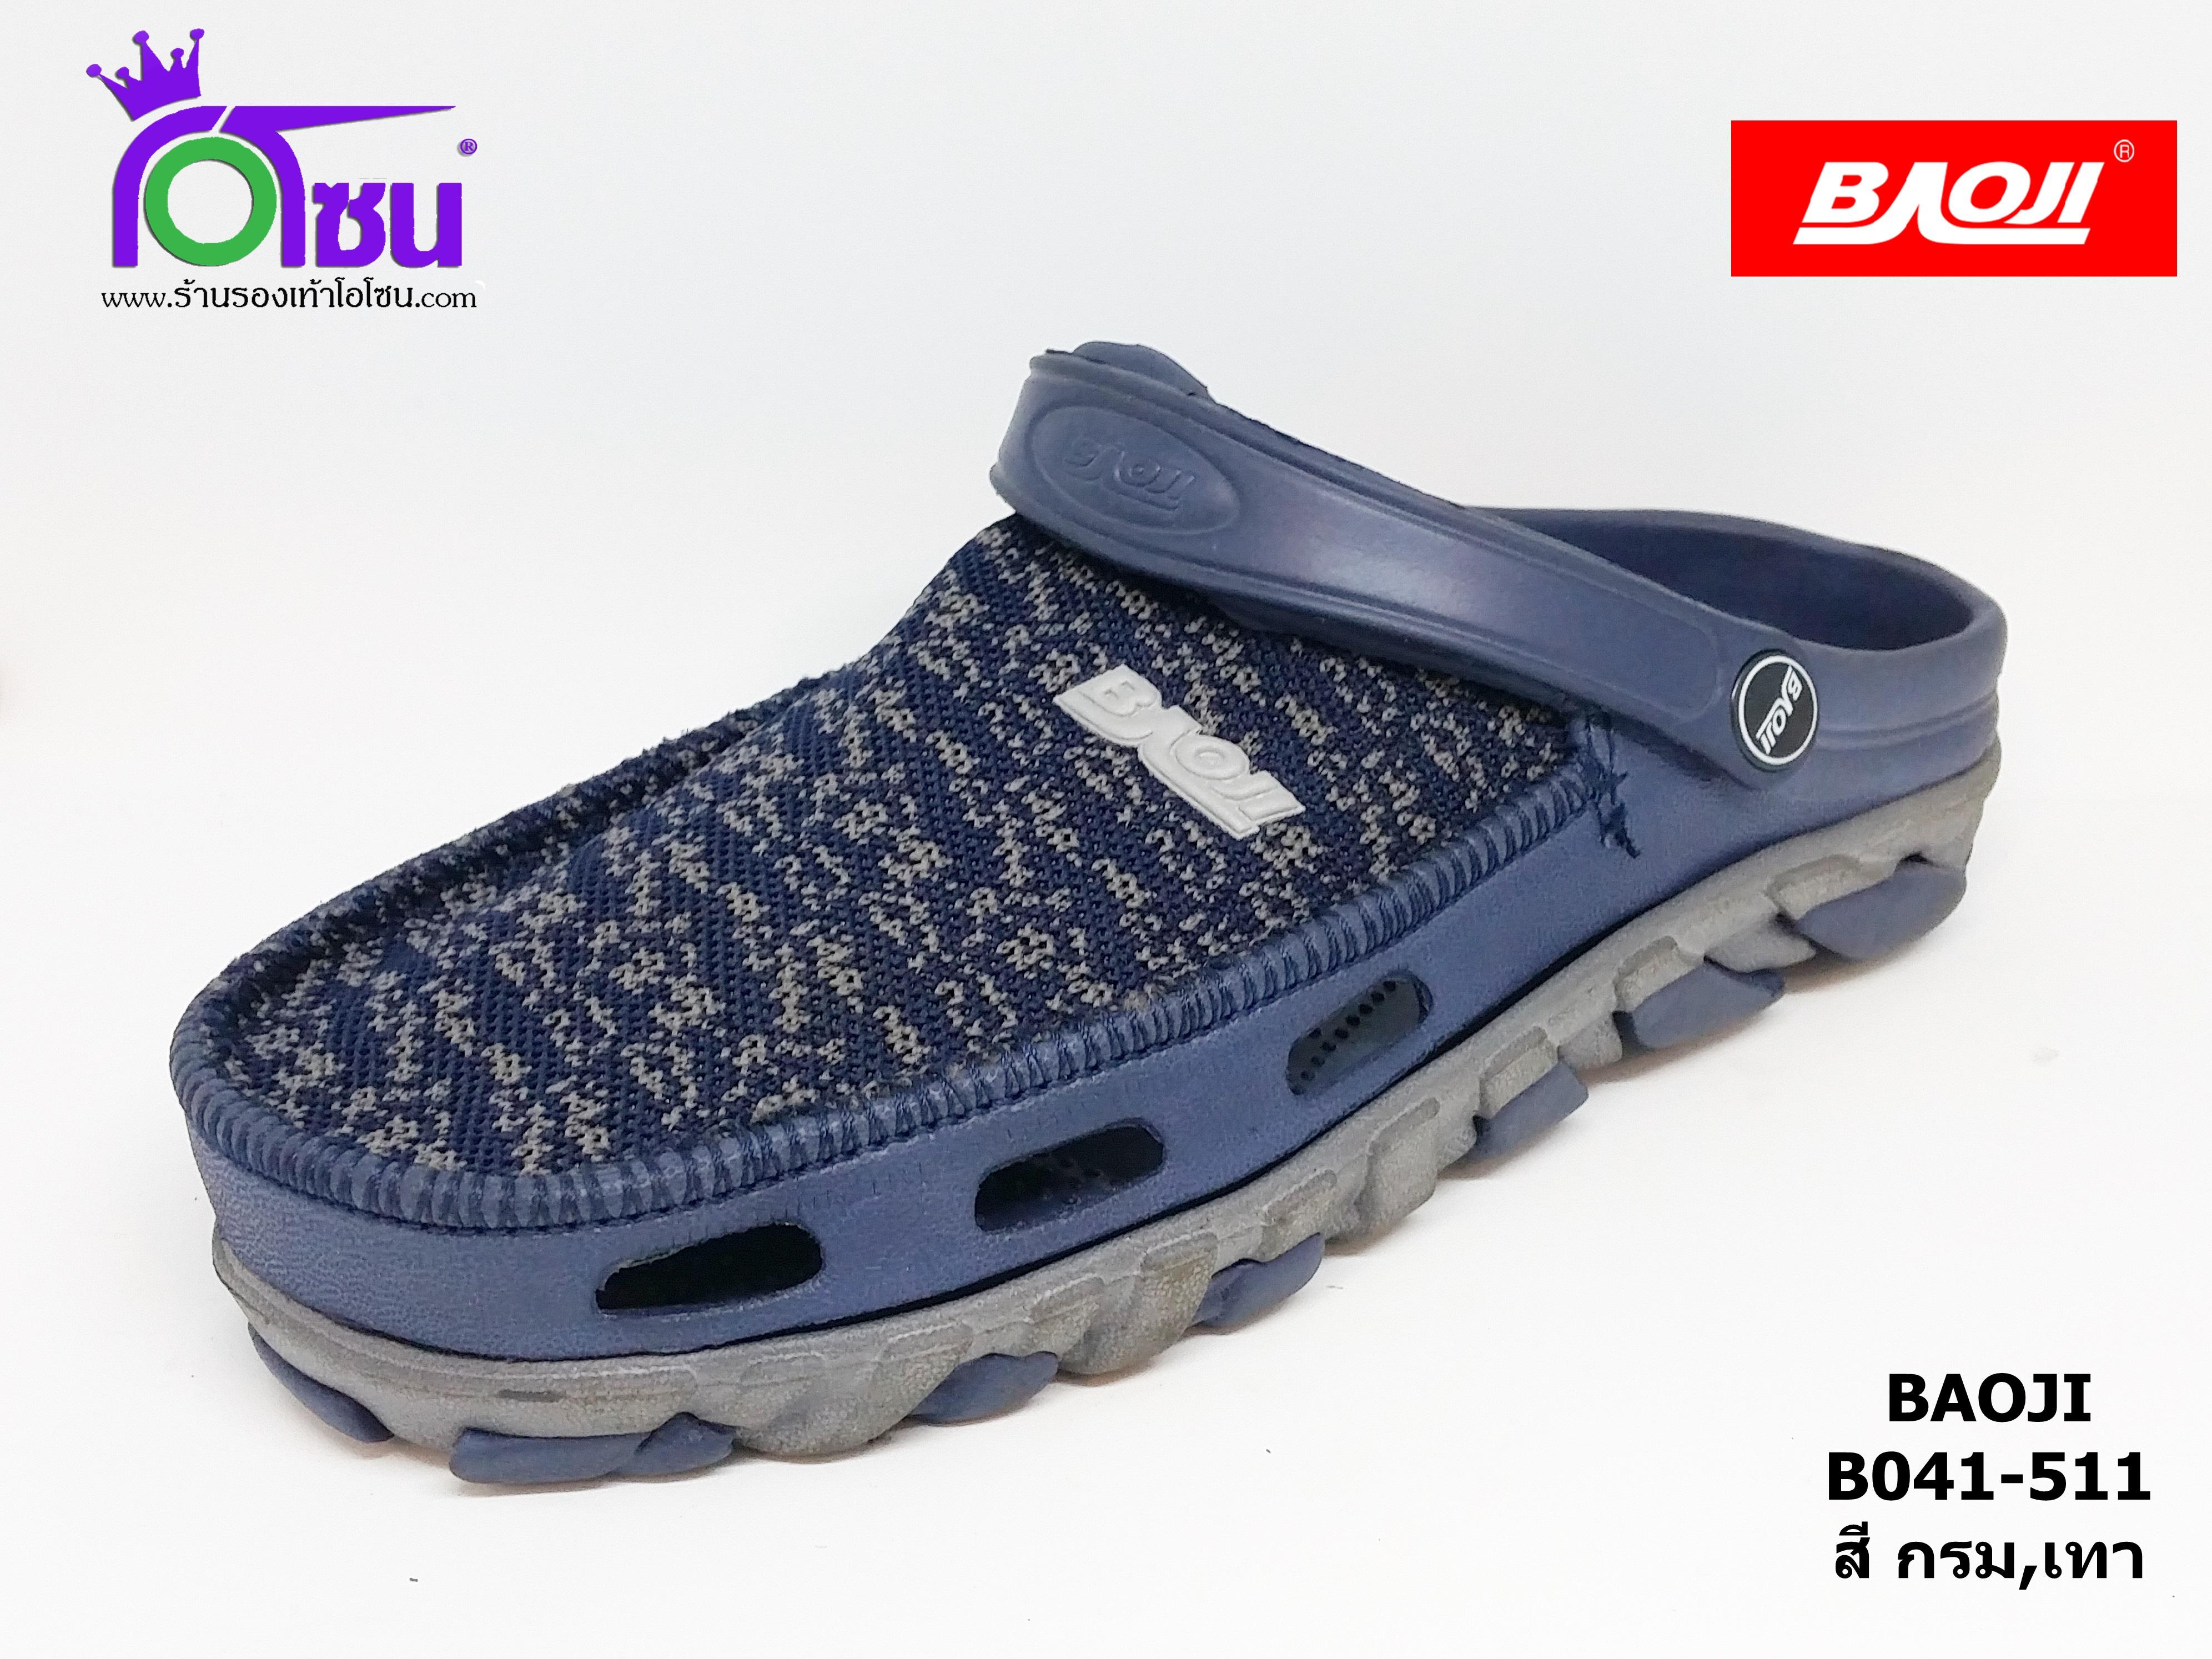 BAOJI บาโอจิ รหัส B041-511 สีกรม/เทา เบอร์ 41-45